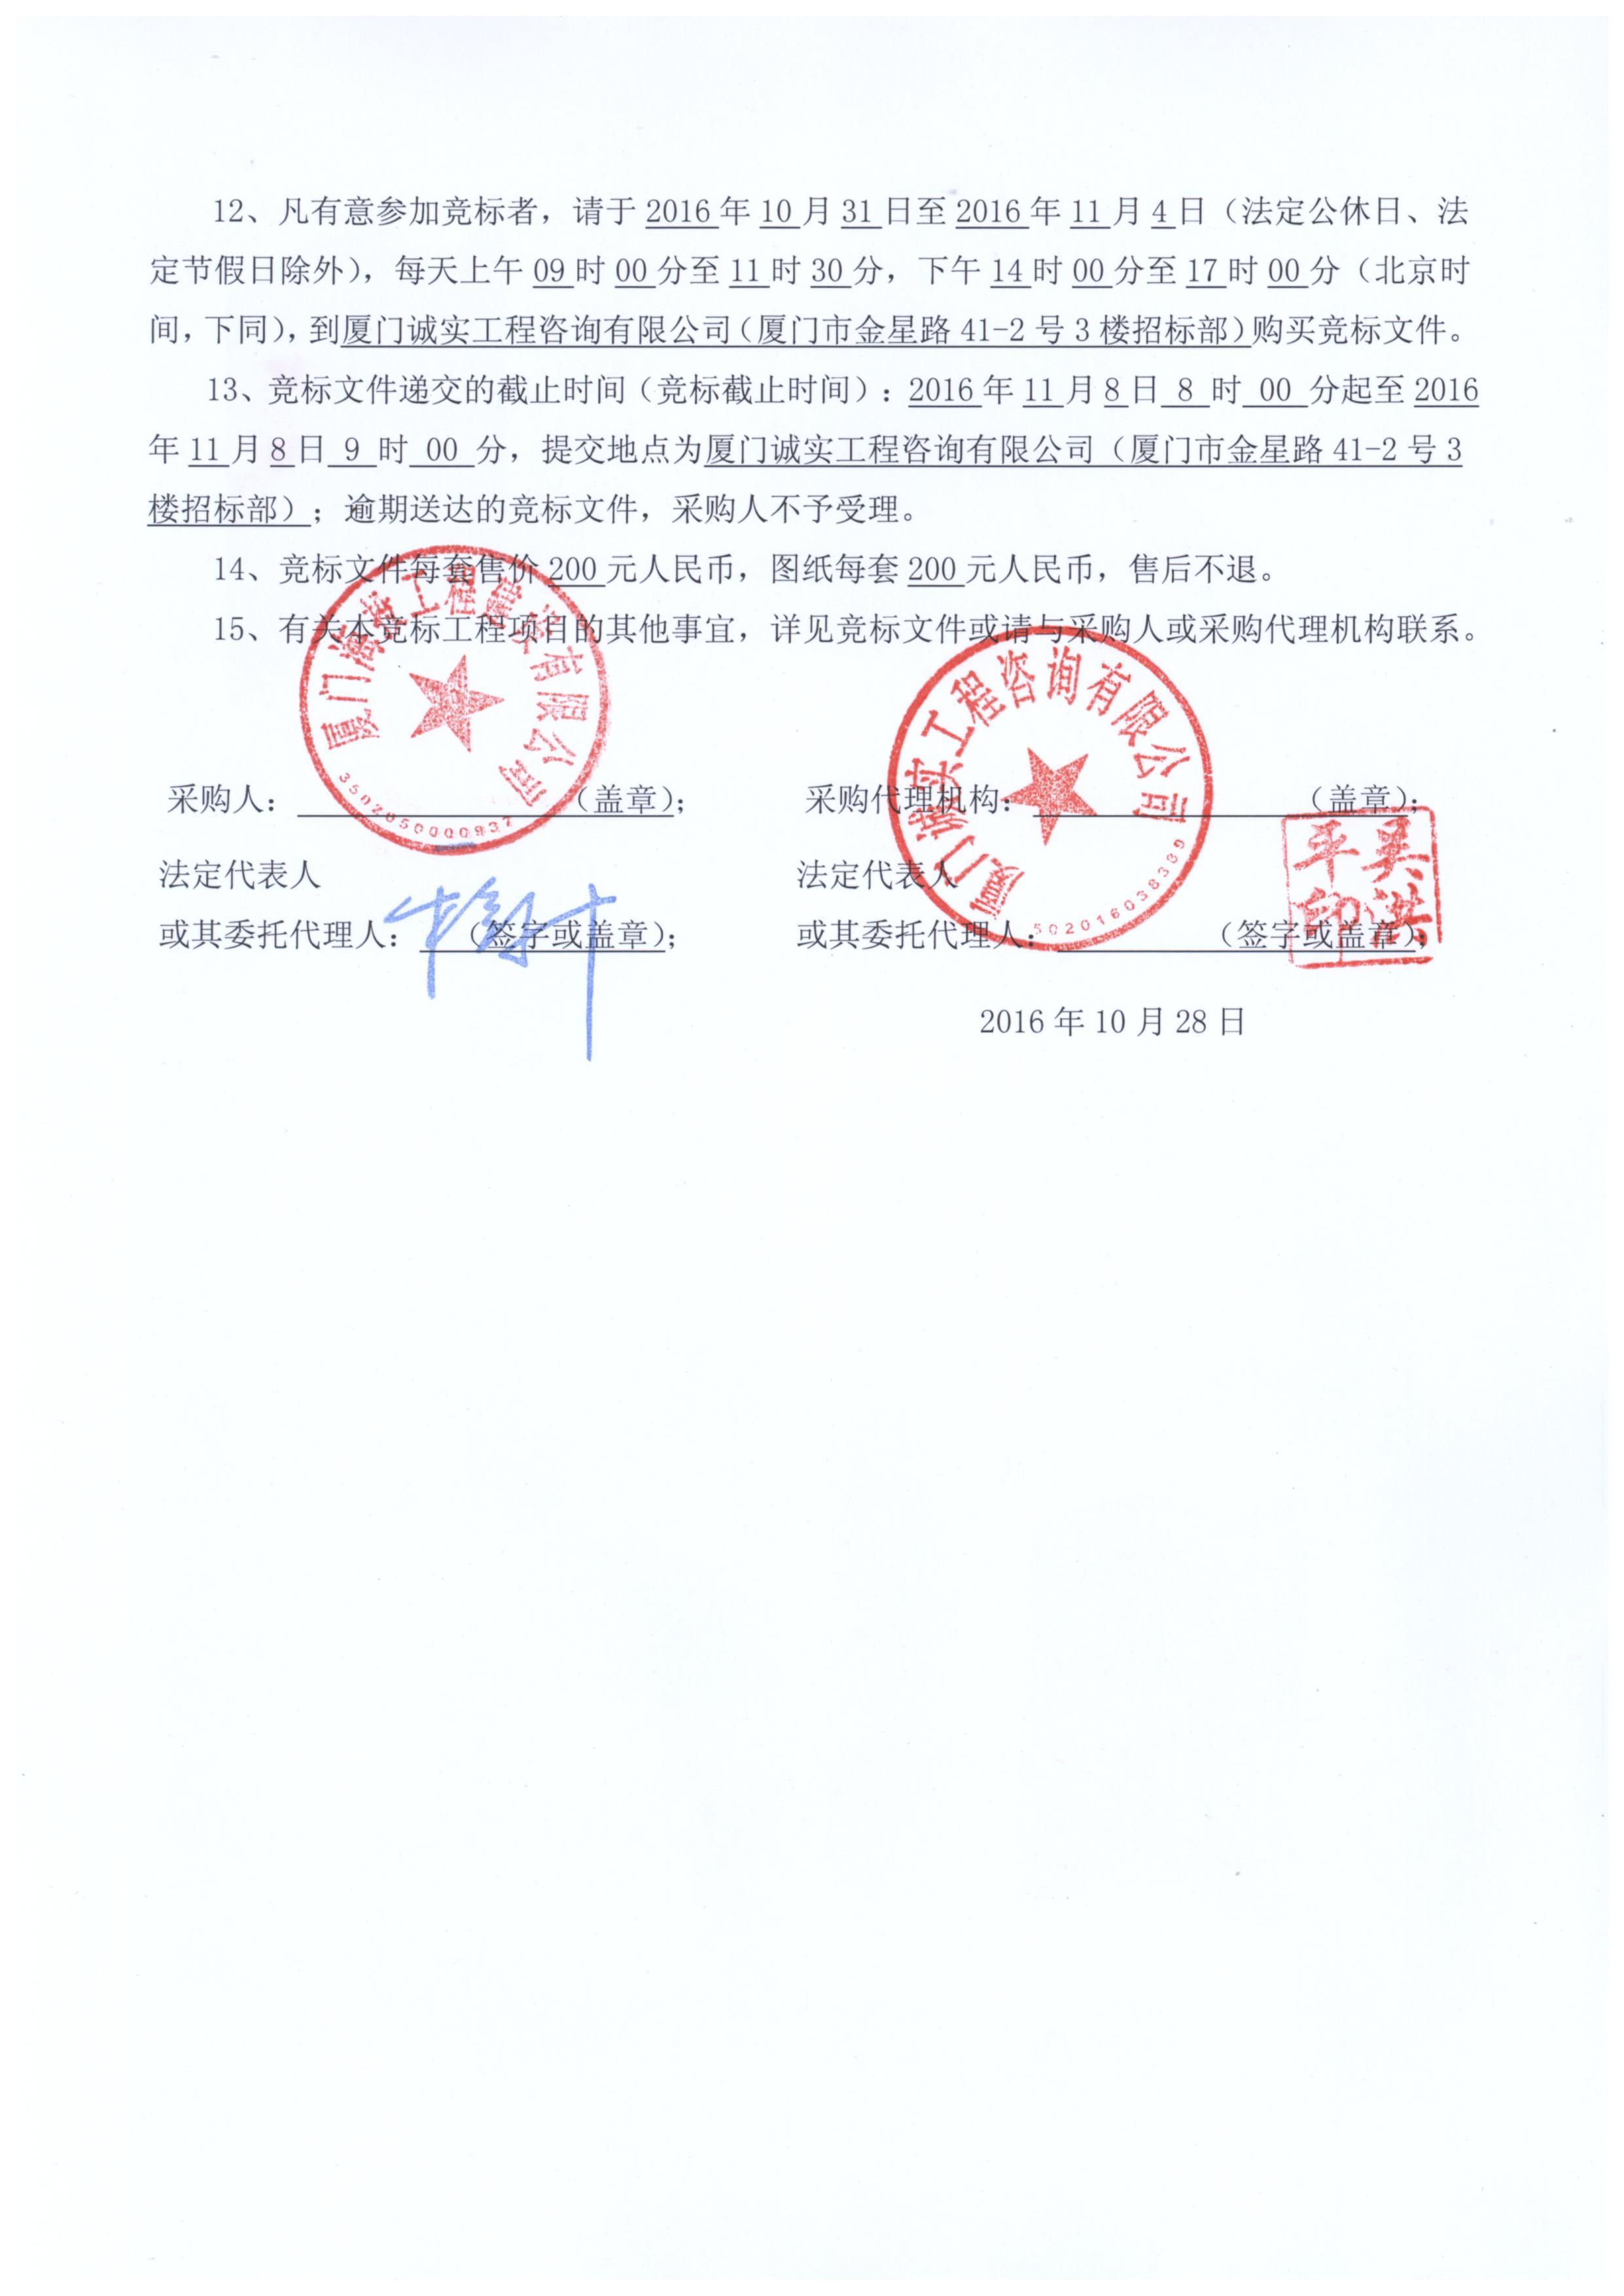 海沧湖水秀公园工程空压机组采购公告(重新公告)3.jpg